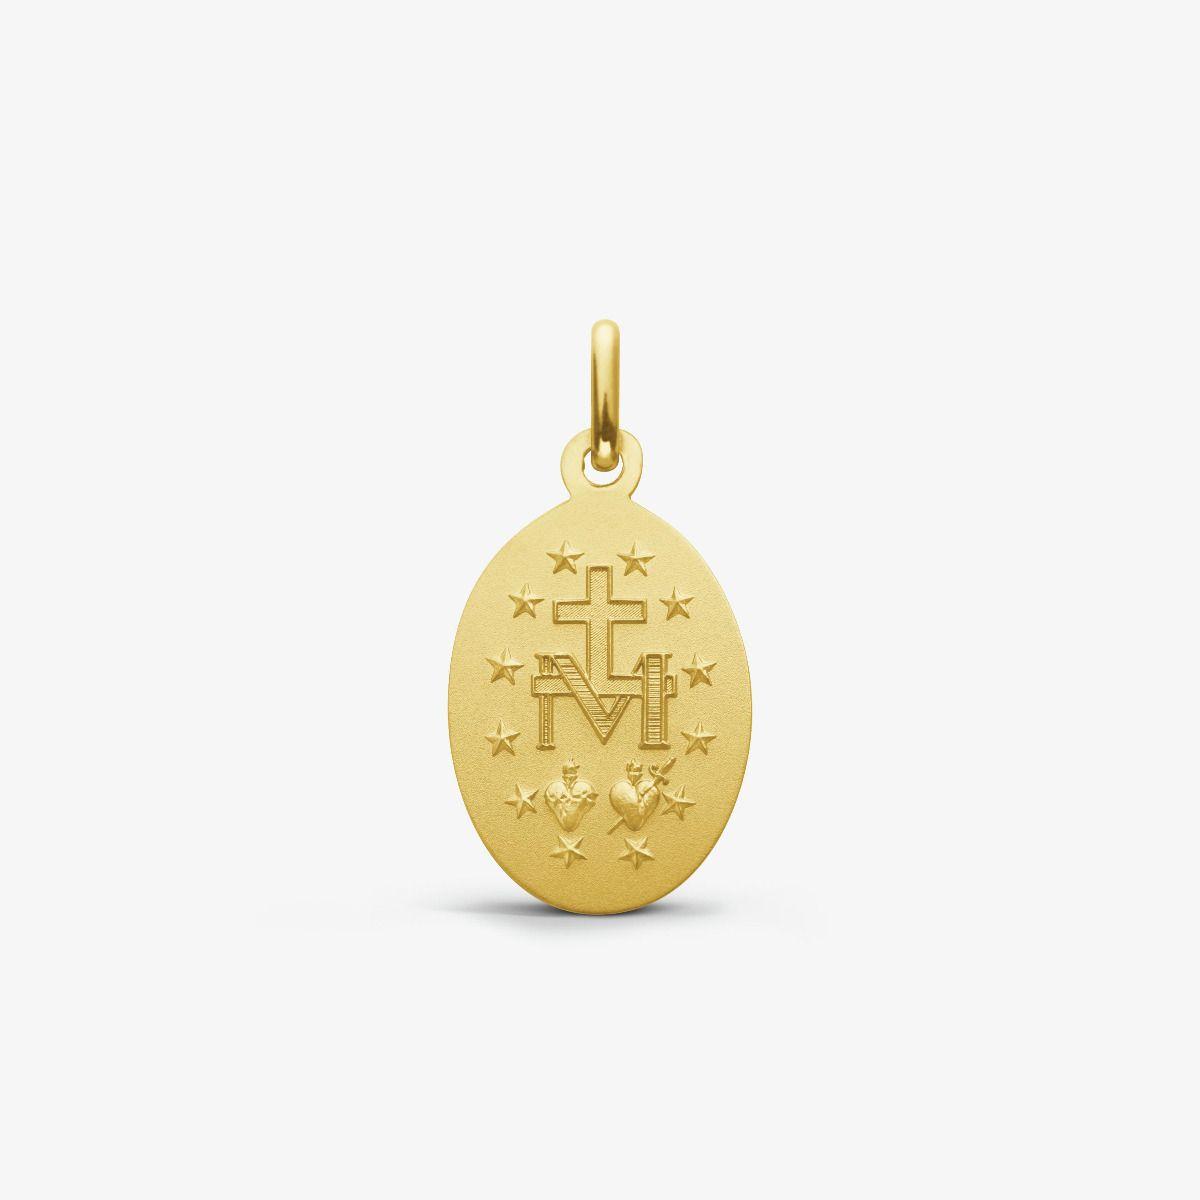 Médaille Miraculeuse ovale en Or Jaune 9 carats - 14 mm - revers